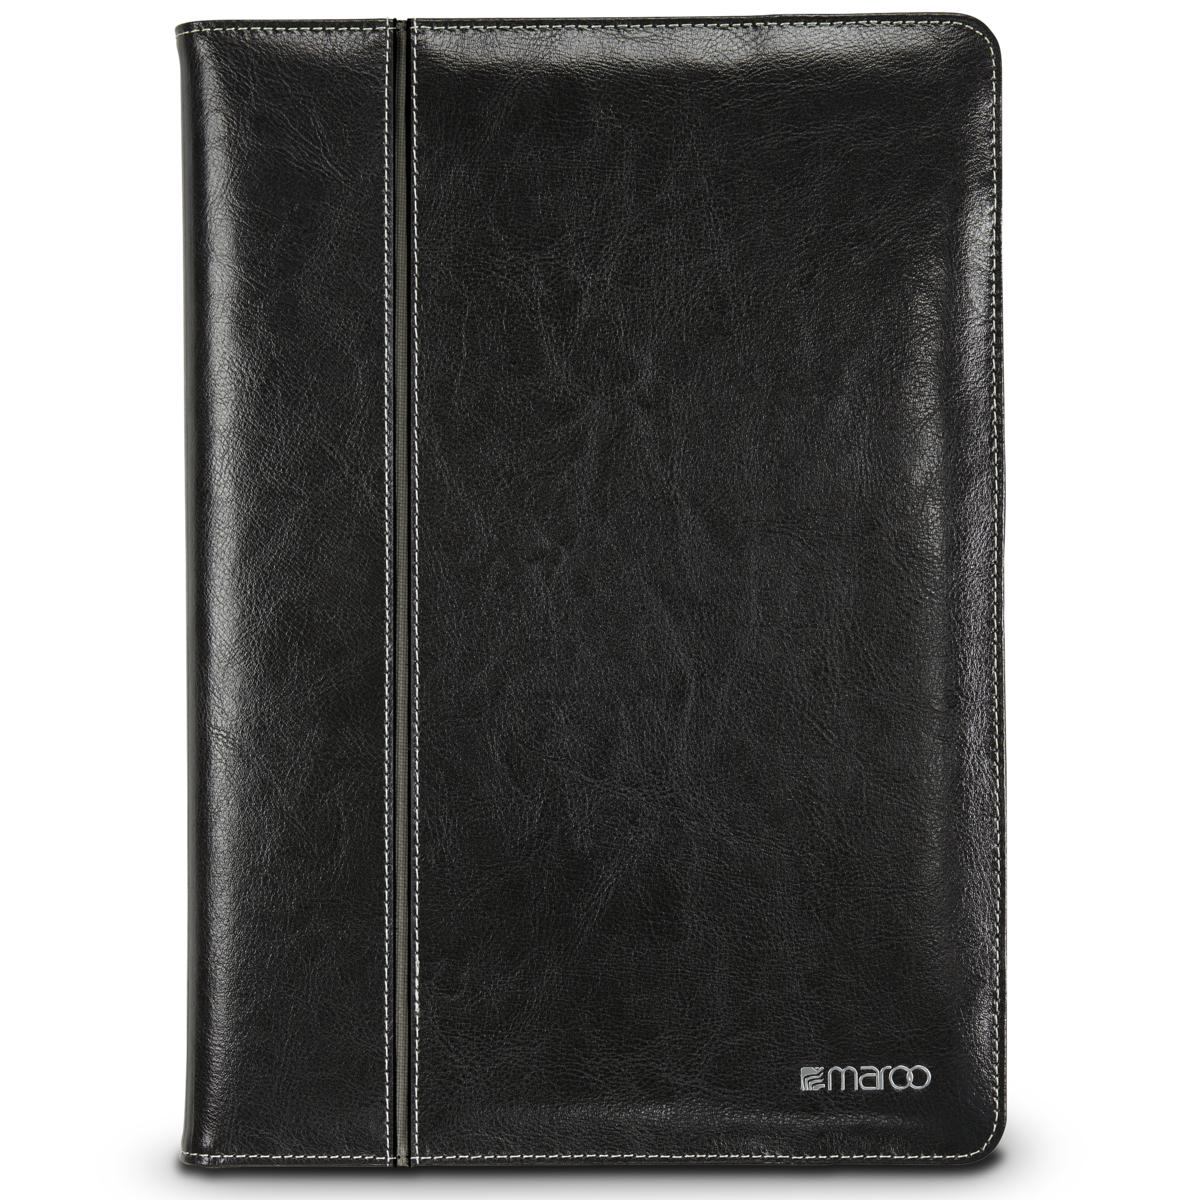 Maroo Pro Hinge Folio Case Black Leather for Microsoft Surface Pro